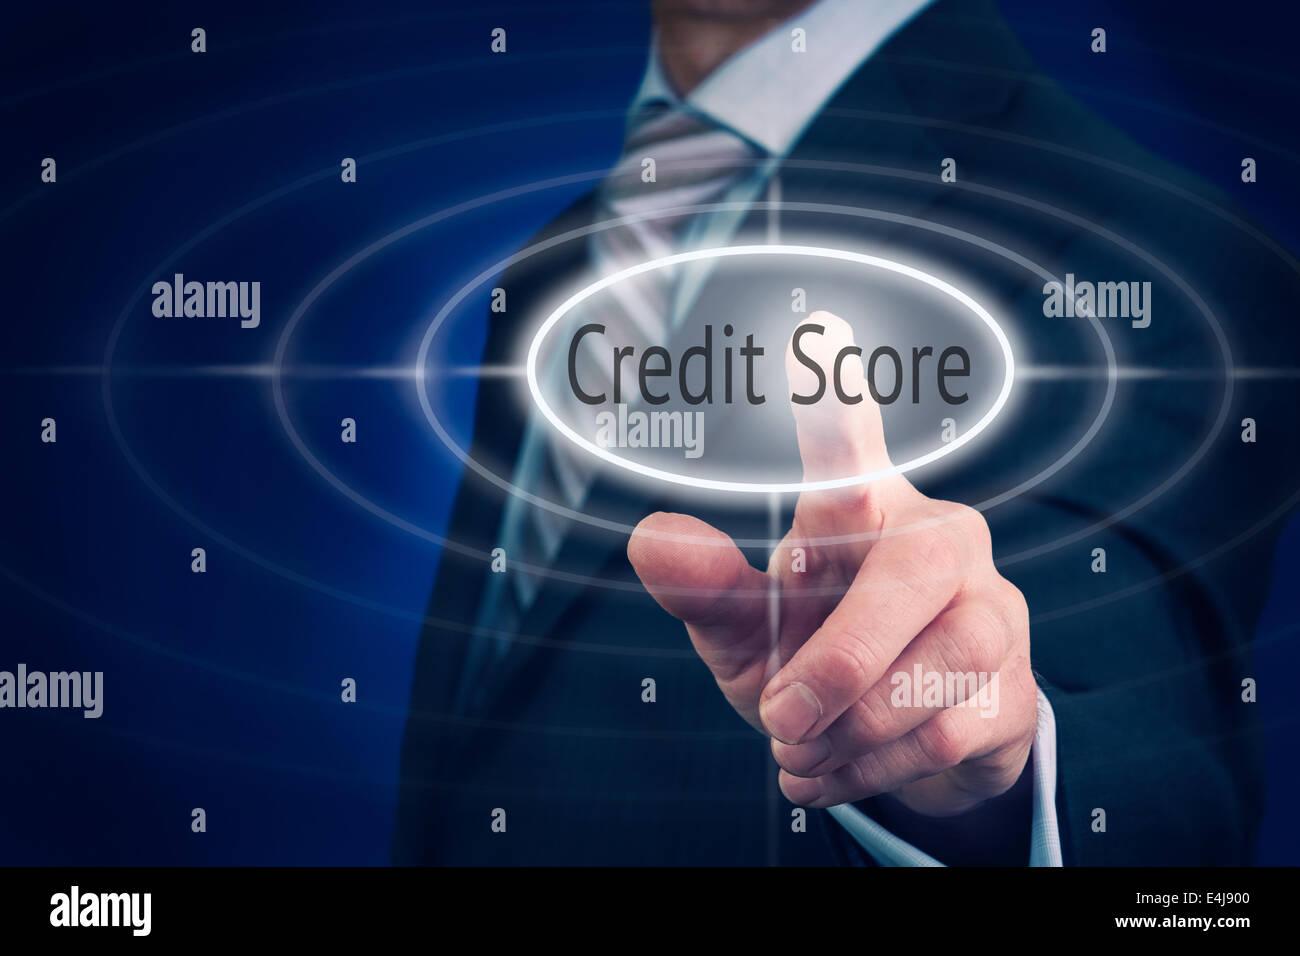 Businessman pressing a Excellent Credit Score concept button. - Stock Image